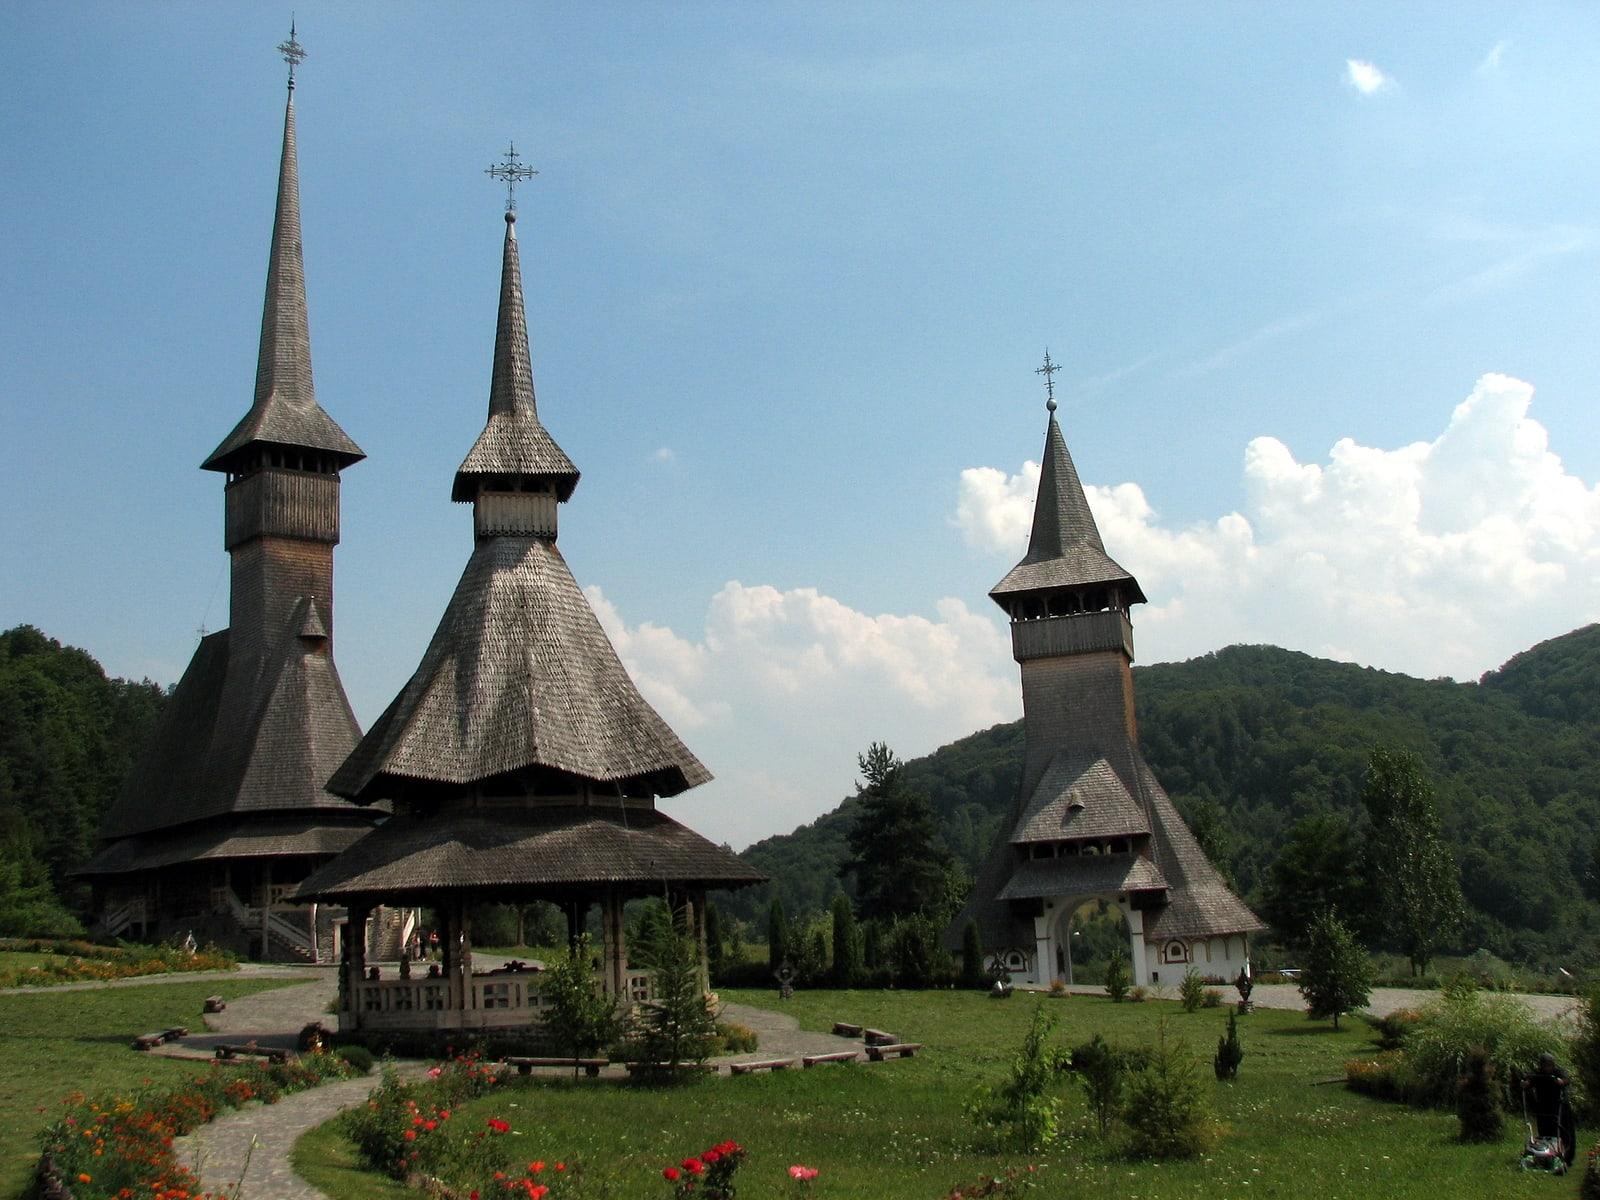 Barsana wooden church from Maramures Romania